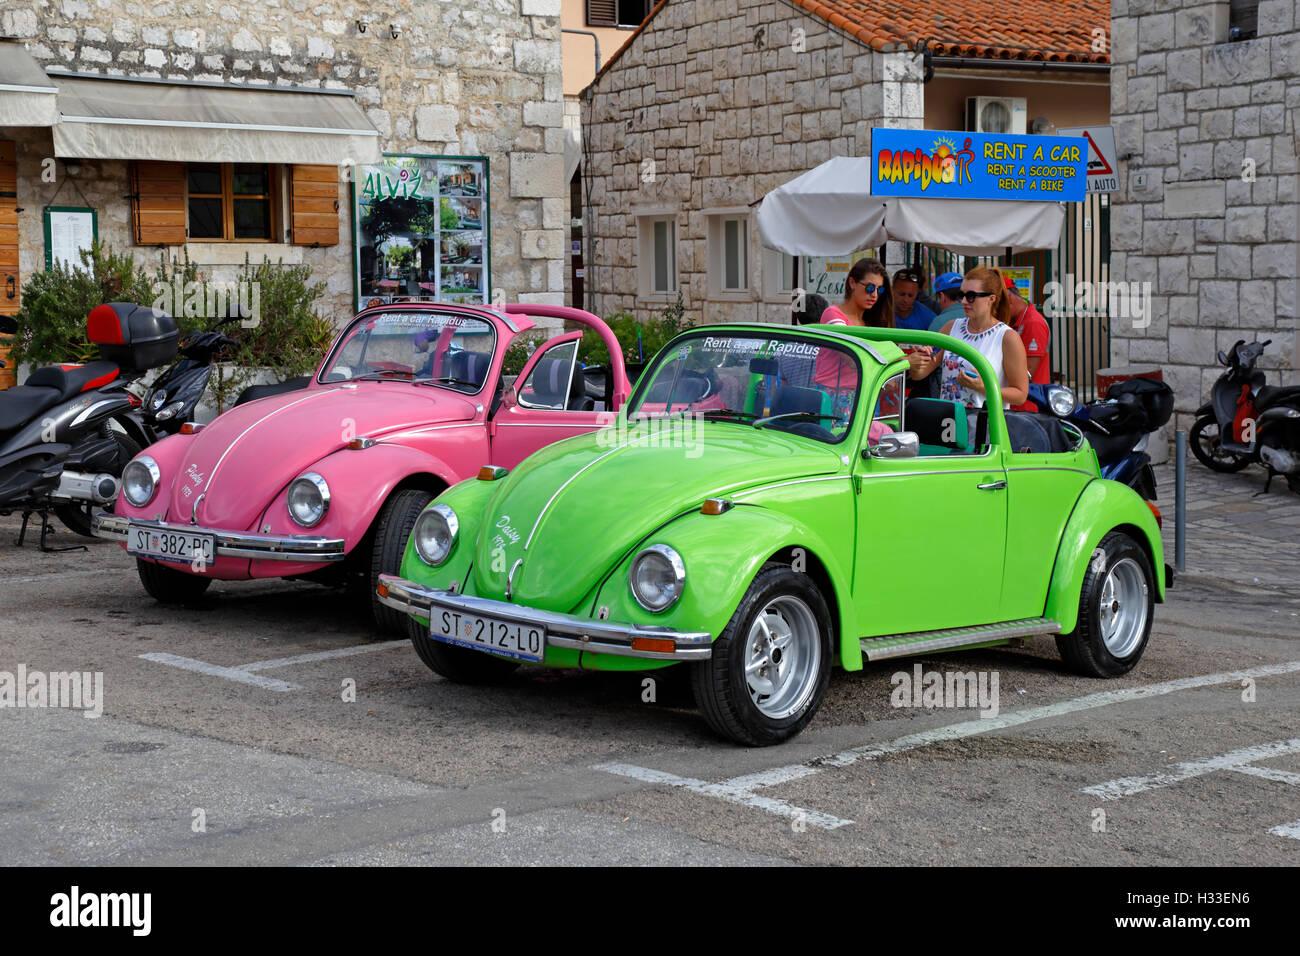 Location de voiture croatie